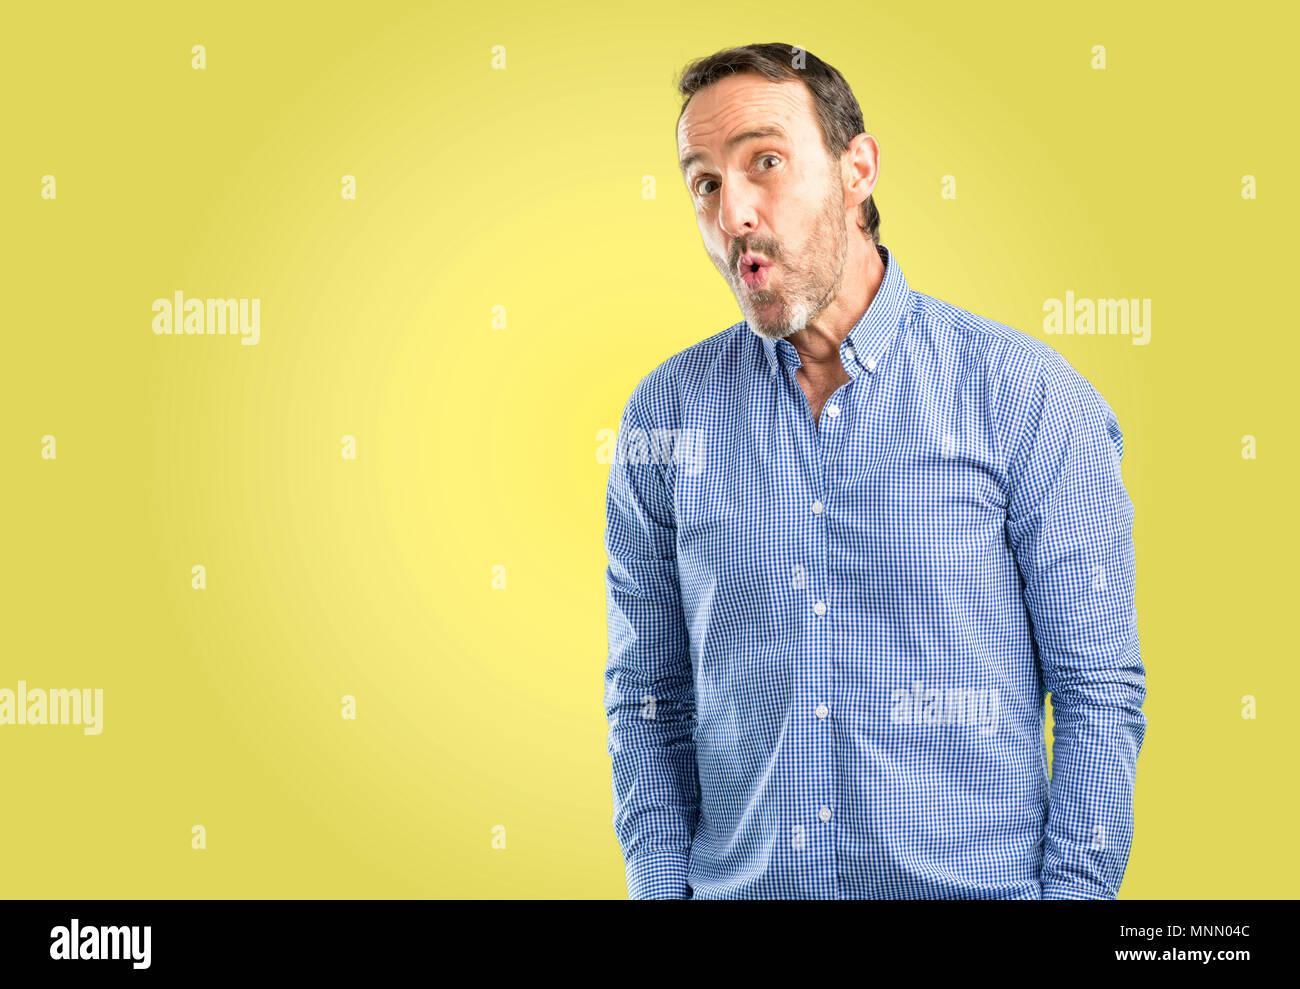 Stattliche mittleren Alter Mann glücklich und überrascht jubelnden Ausdruck wow Geste Stockbild